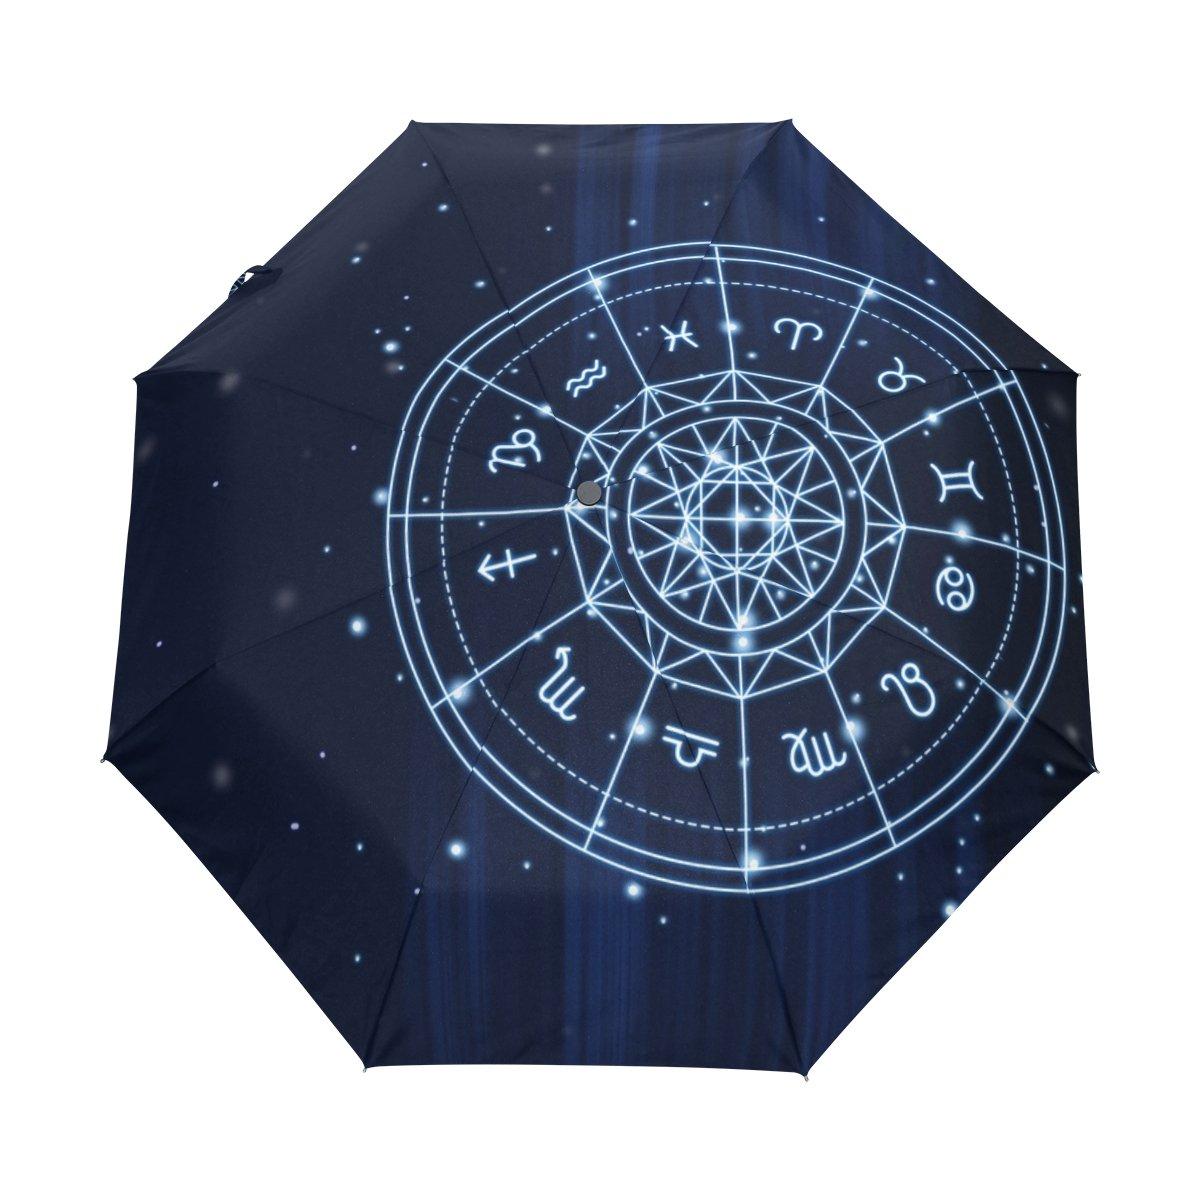 Senya Saobao防風と防雨トラベル傘with Zodiacポータブル折りたたみ式太陽の自動開いて閉じ折りたたみ背景雨傘 B07FFTKDT5